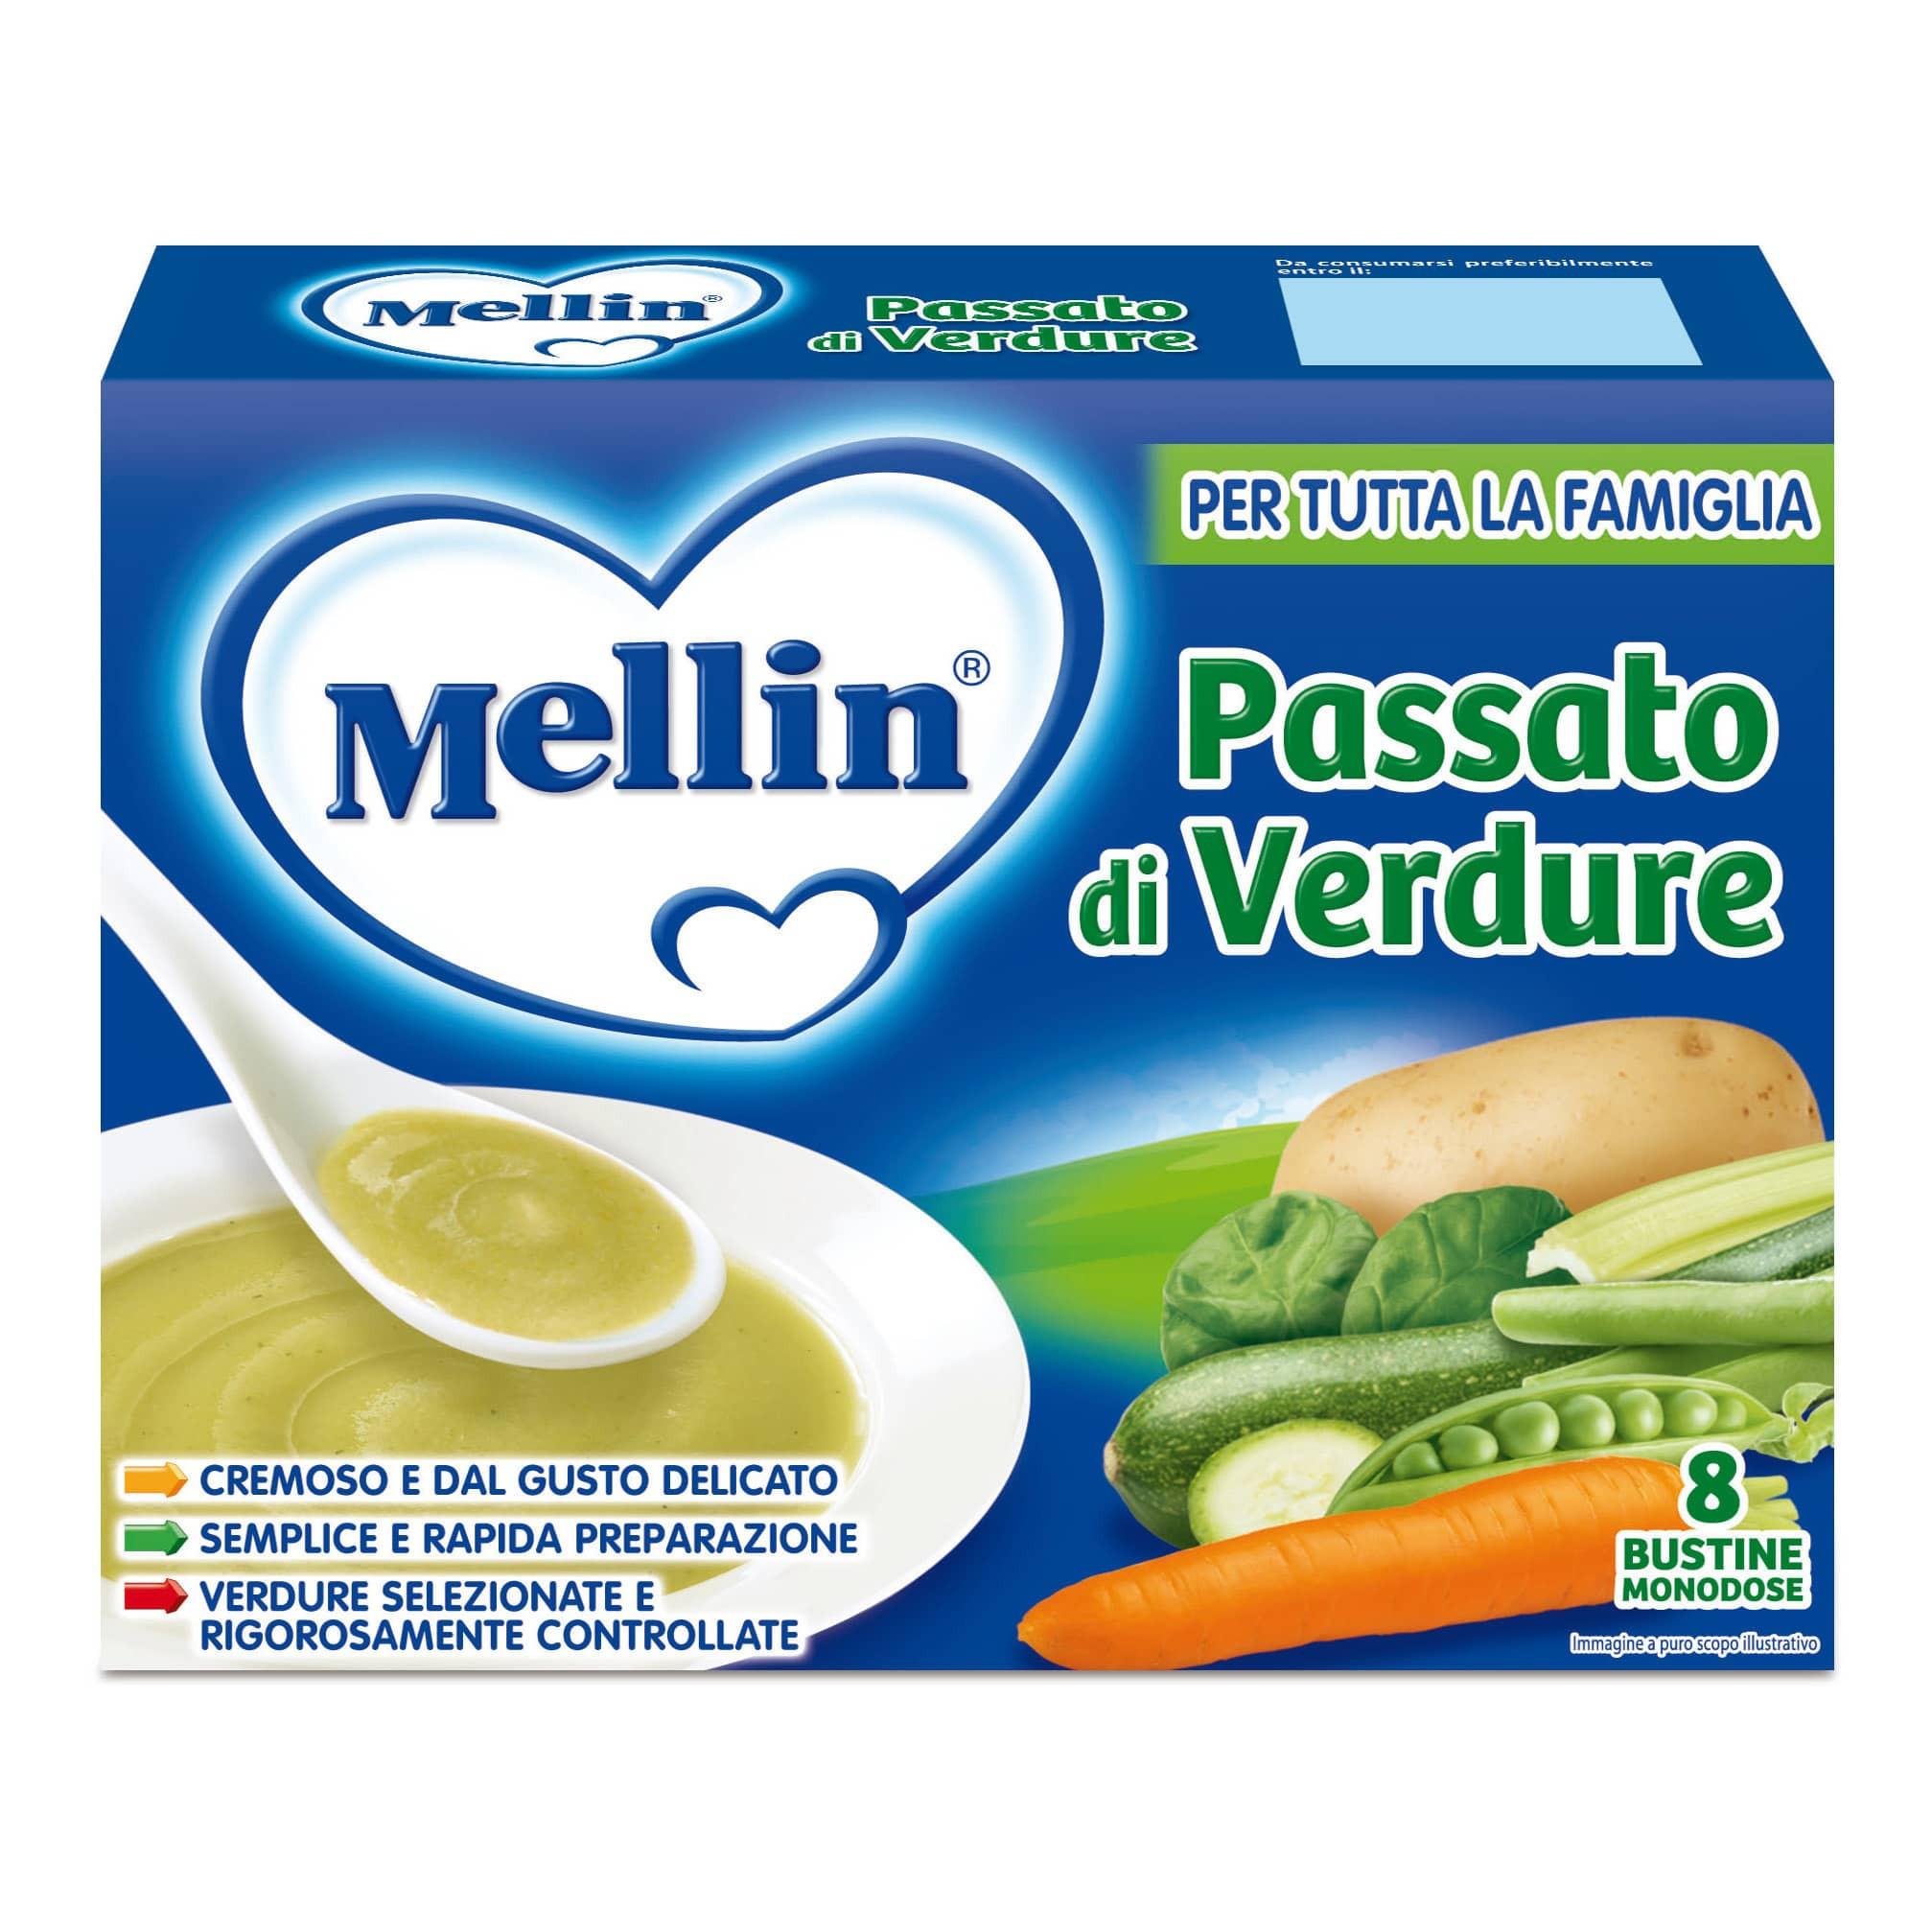 Passato di Verdure Mellin